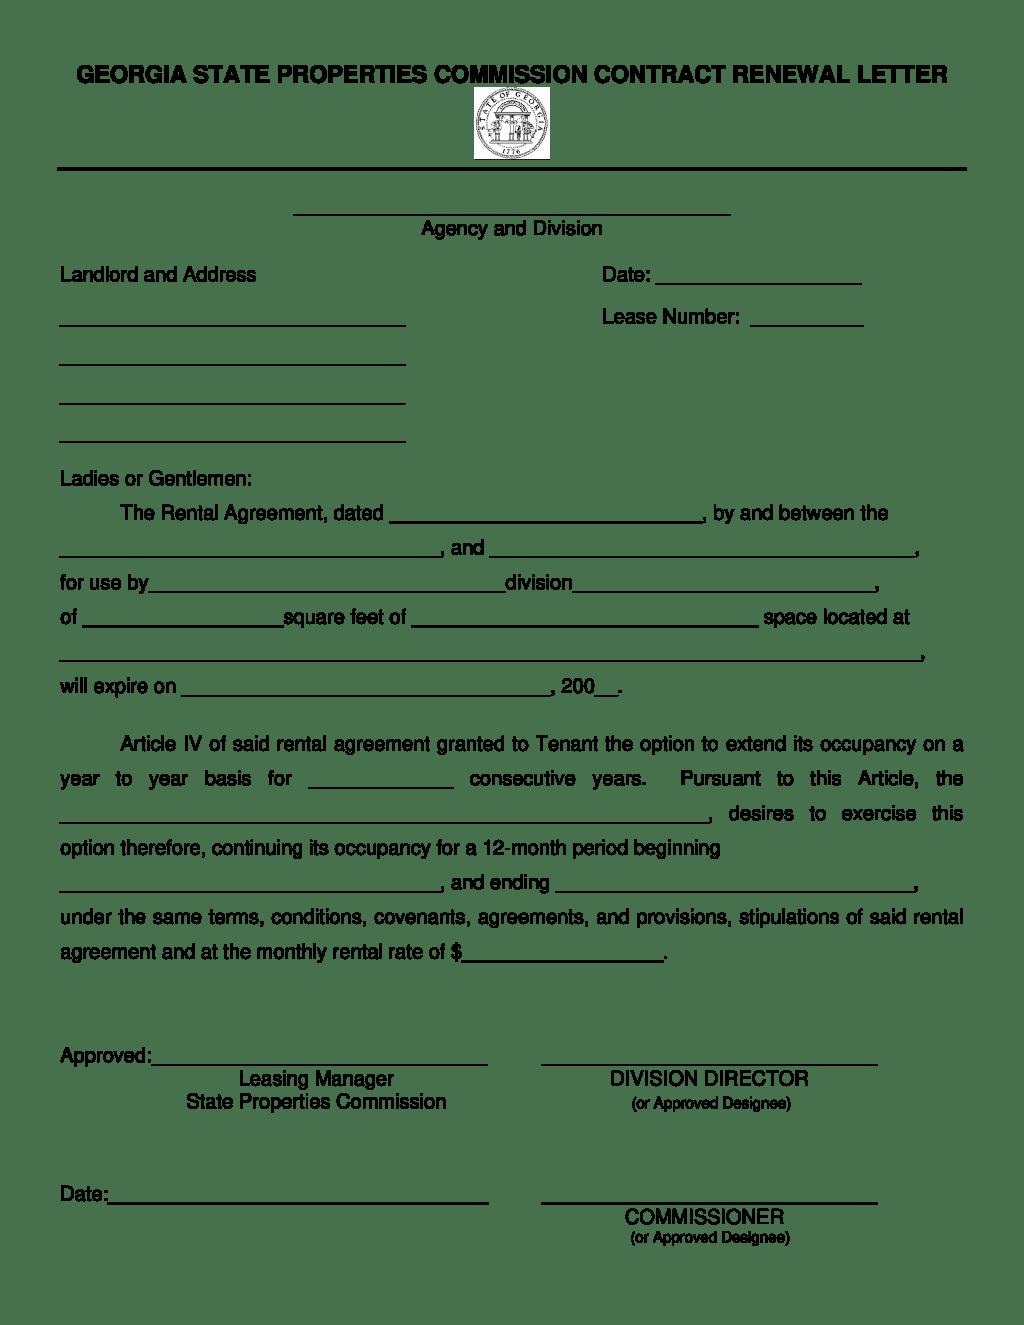 Renewal Application Letter Sample